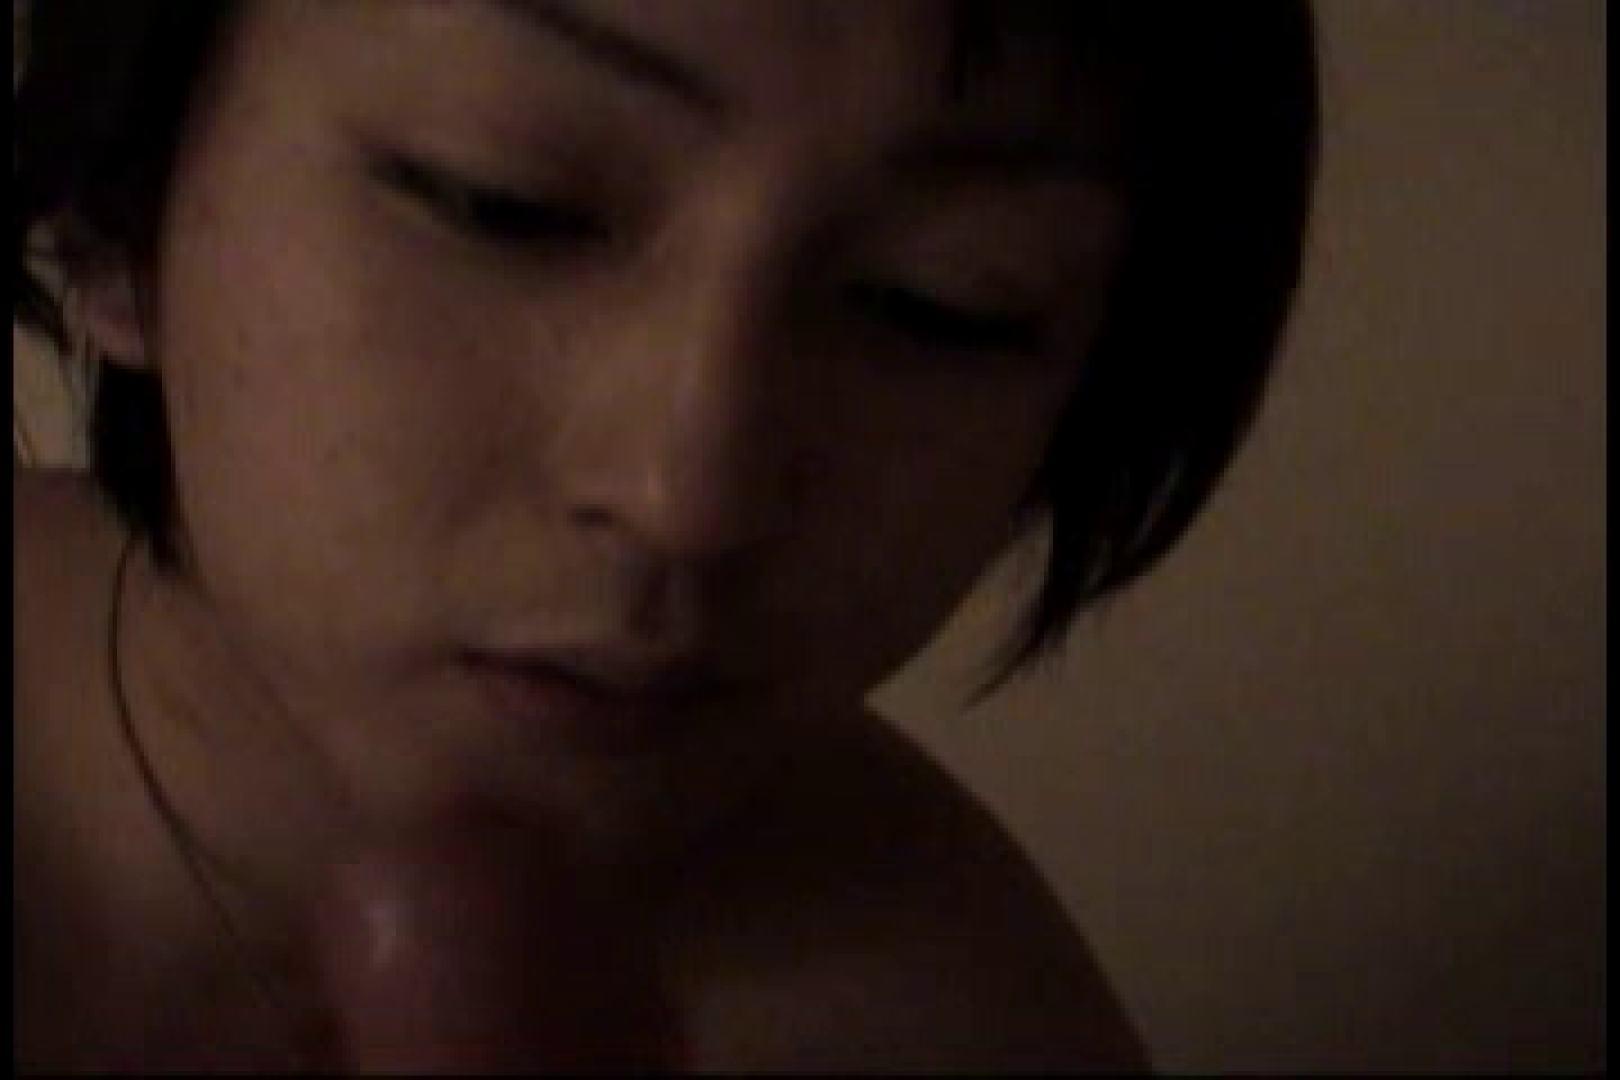 三ッ星シリーズ!!新春Special File 04 手技 | フェラ最高 AV動画 14連発 10